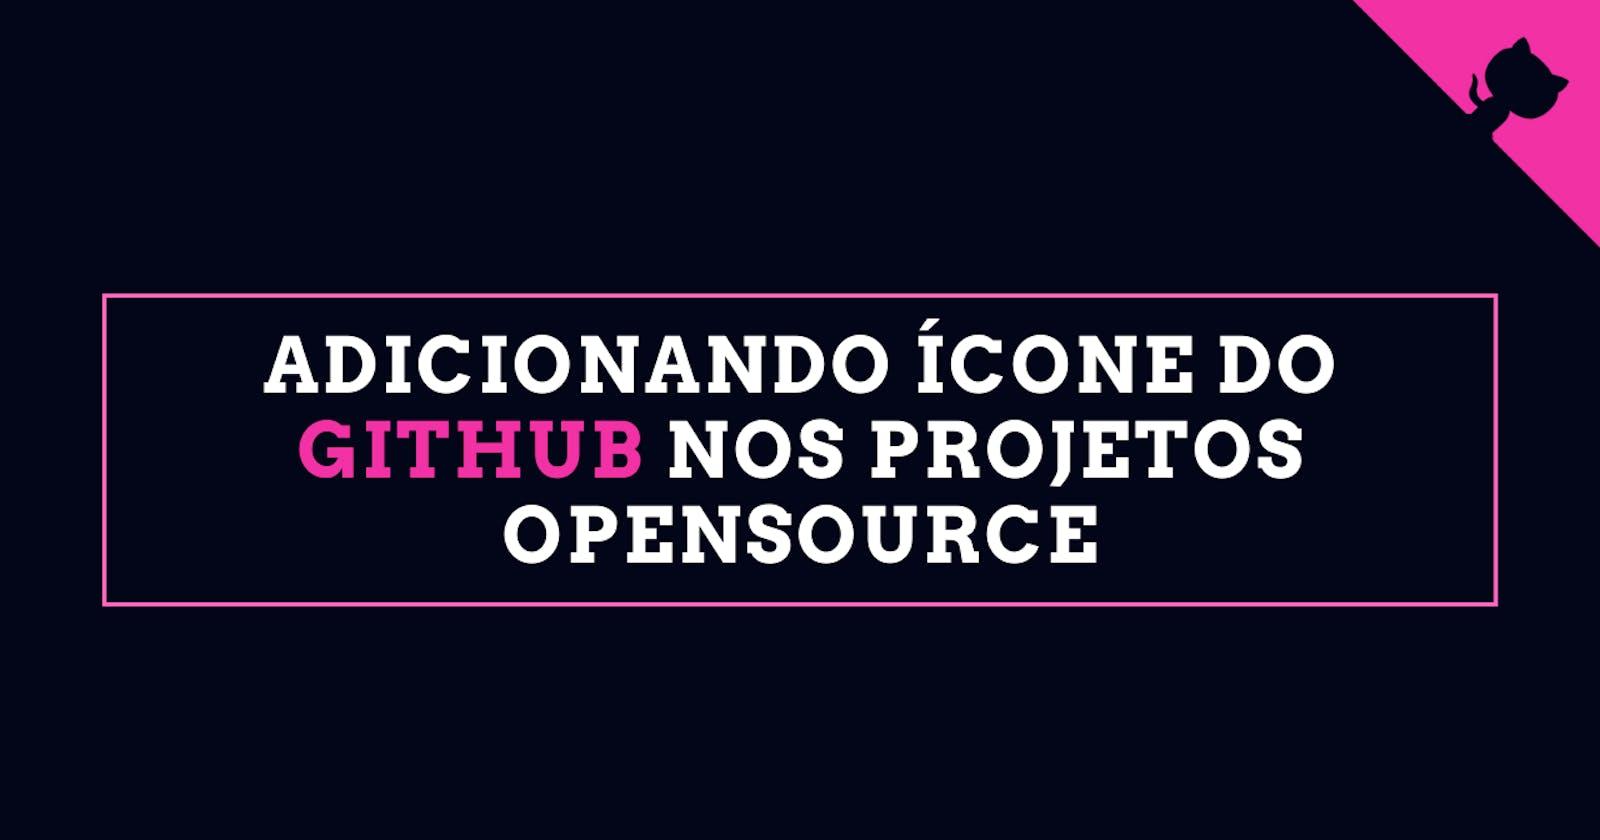 Adicionando ícone de GitHub nos projetos opensource